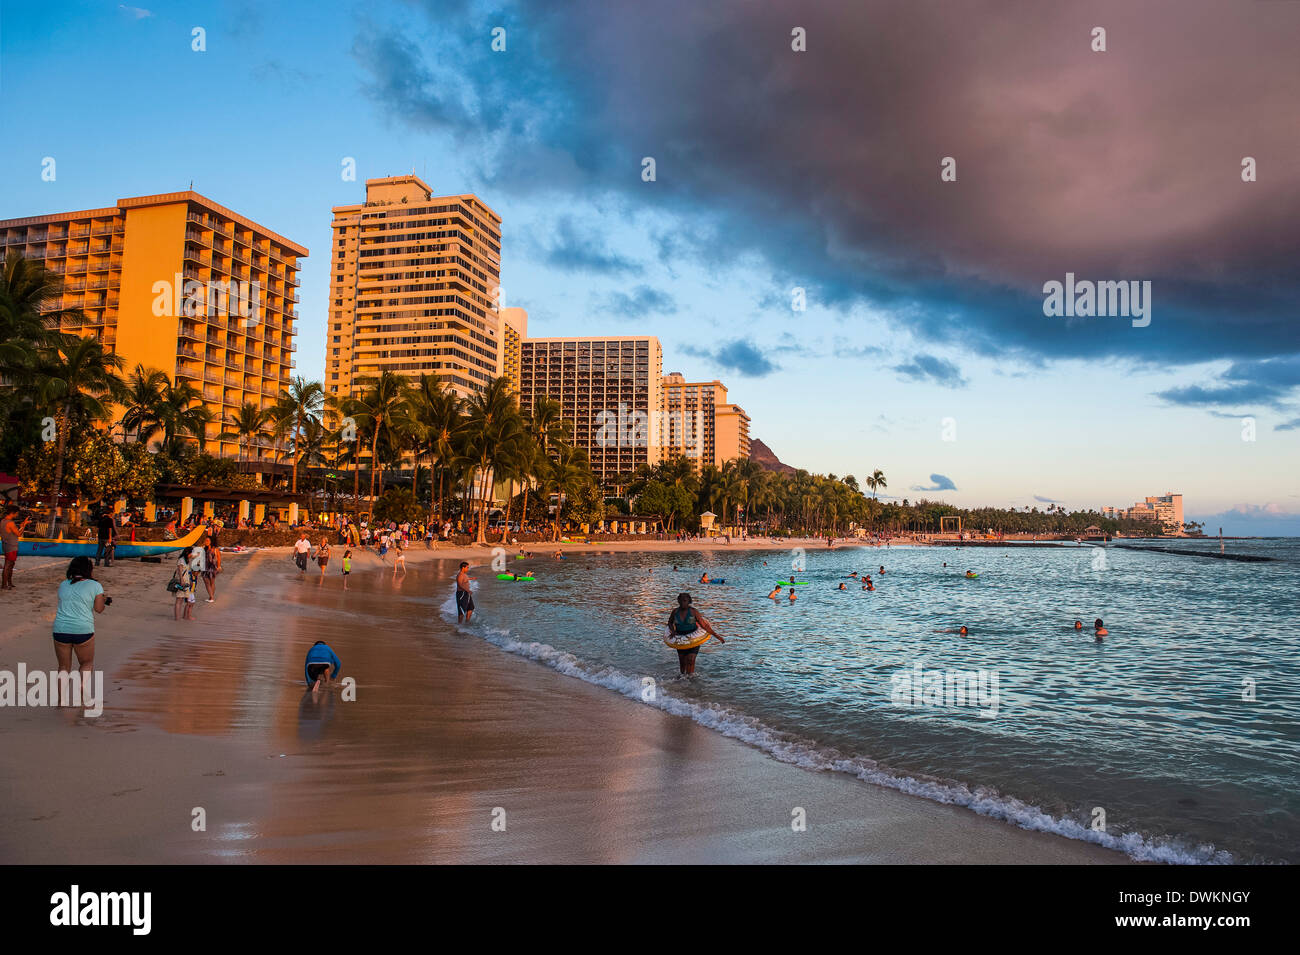 Nel tardo pomeriggio sole sopra gli hotel sulla spiaggia di Waikiki di Oahu, Hawaii, Stati Uniti d'America, il Pacifico Immagini Stock